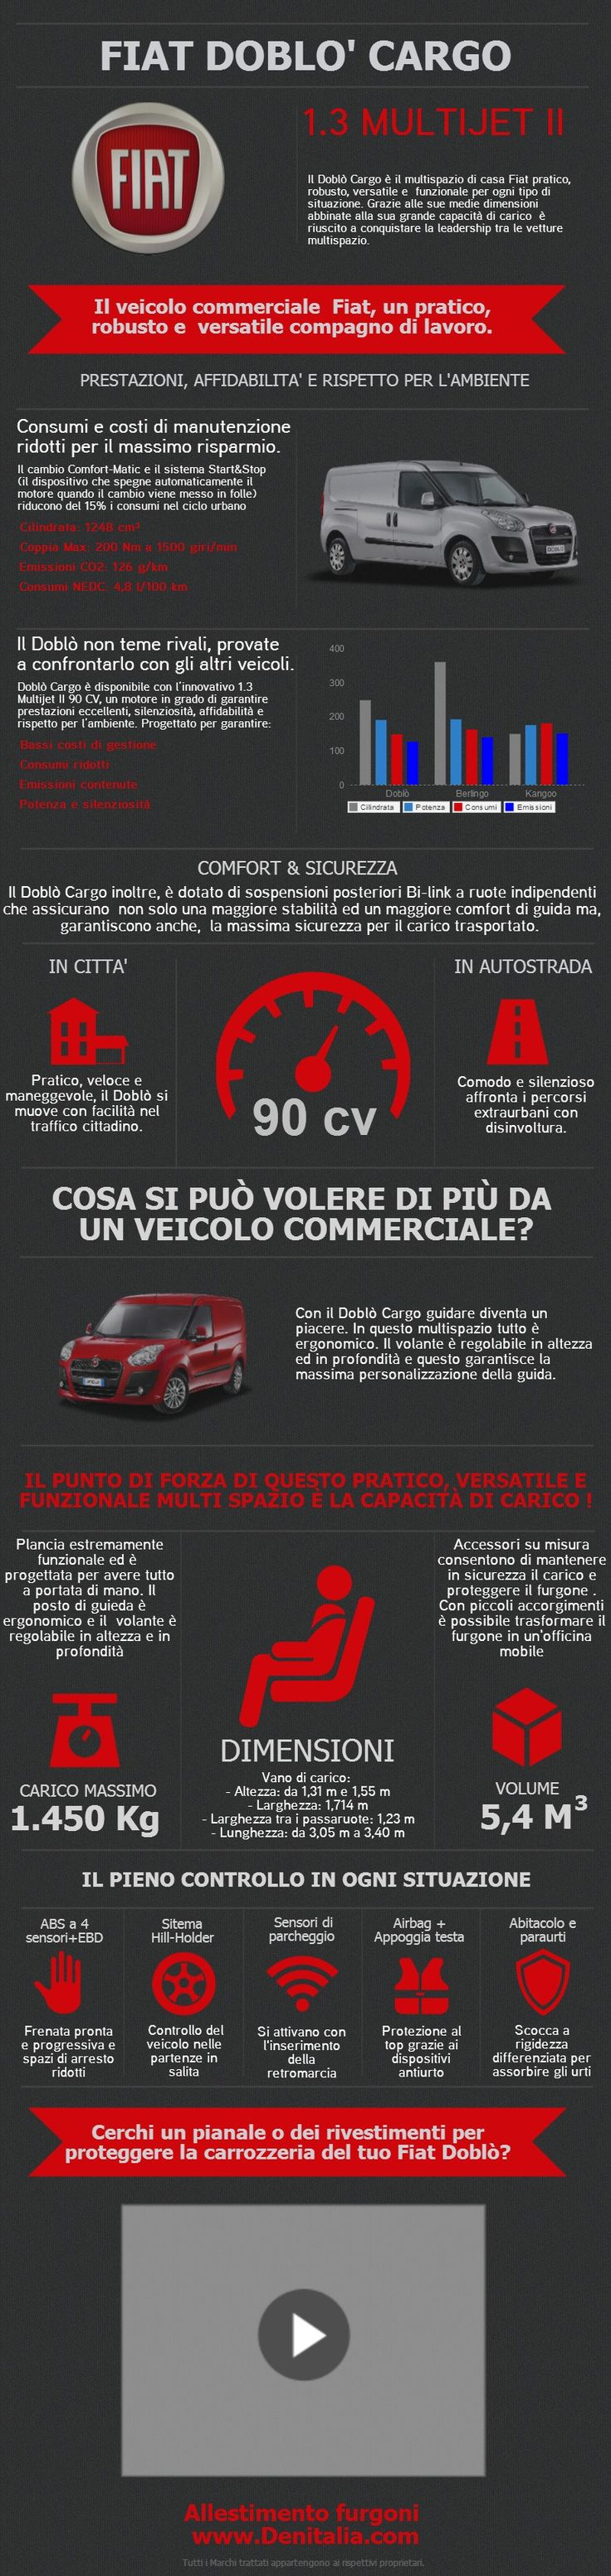 Doblò cargo 3 www.denitalia.com